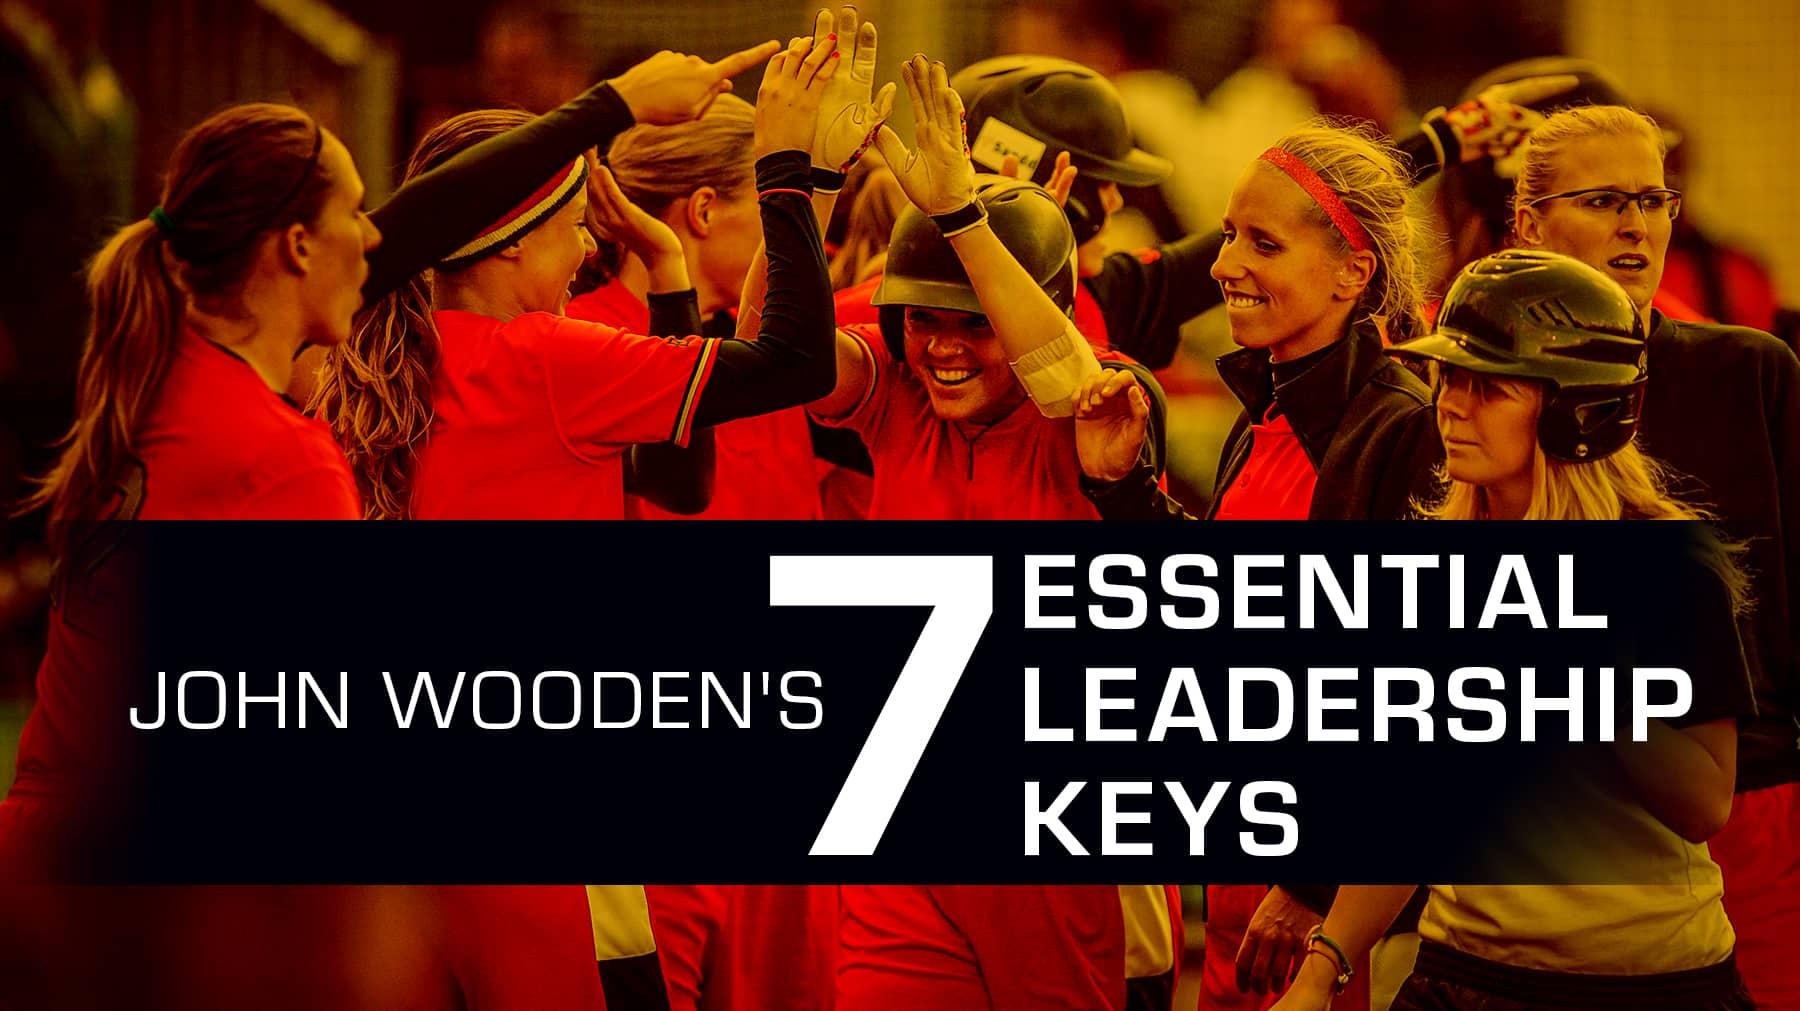 John Wooden's 7 essential leadership keys